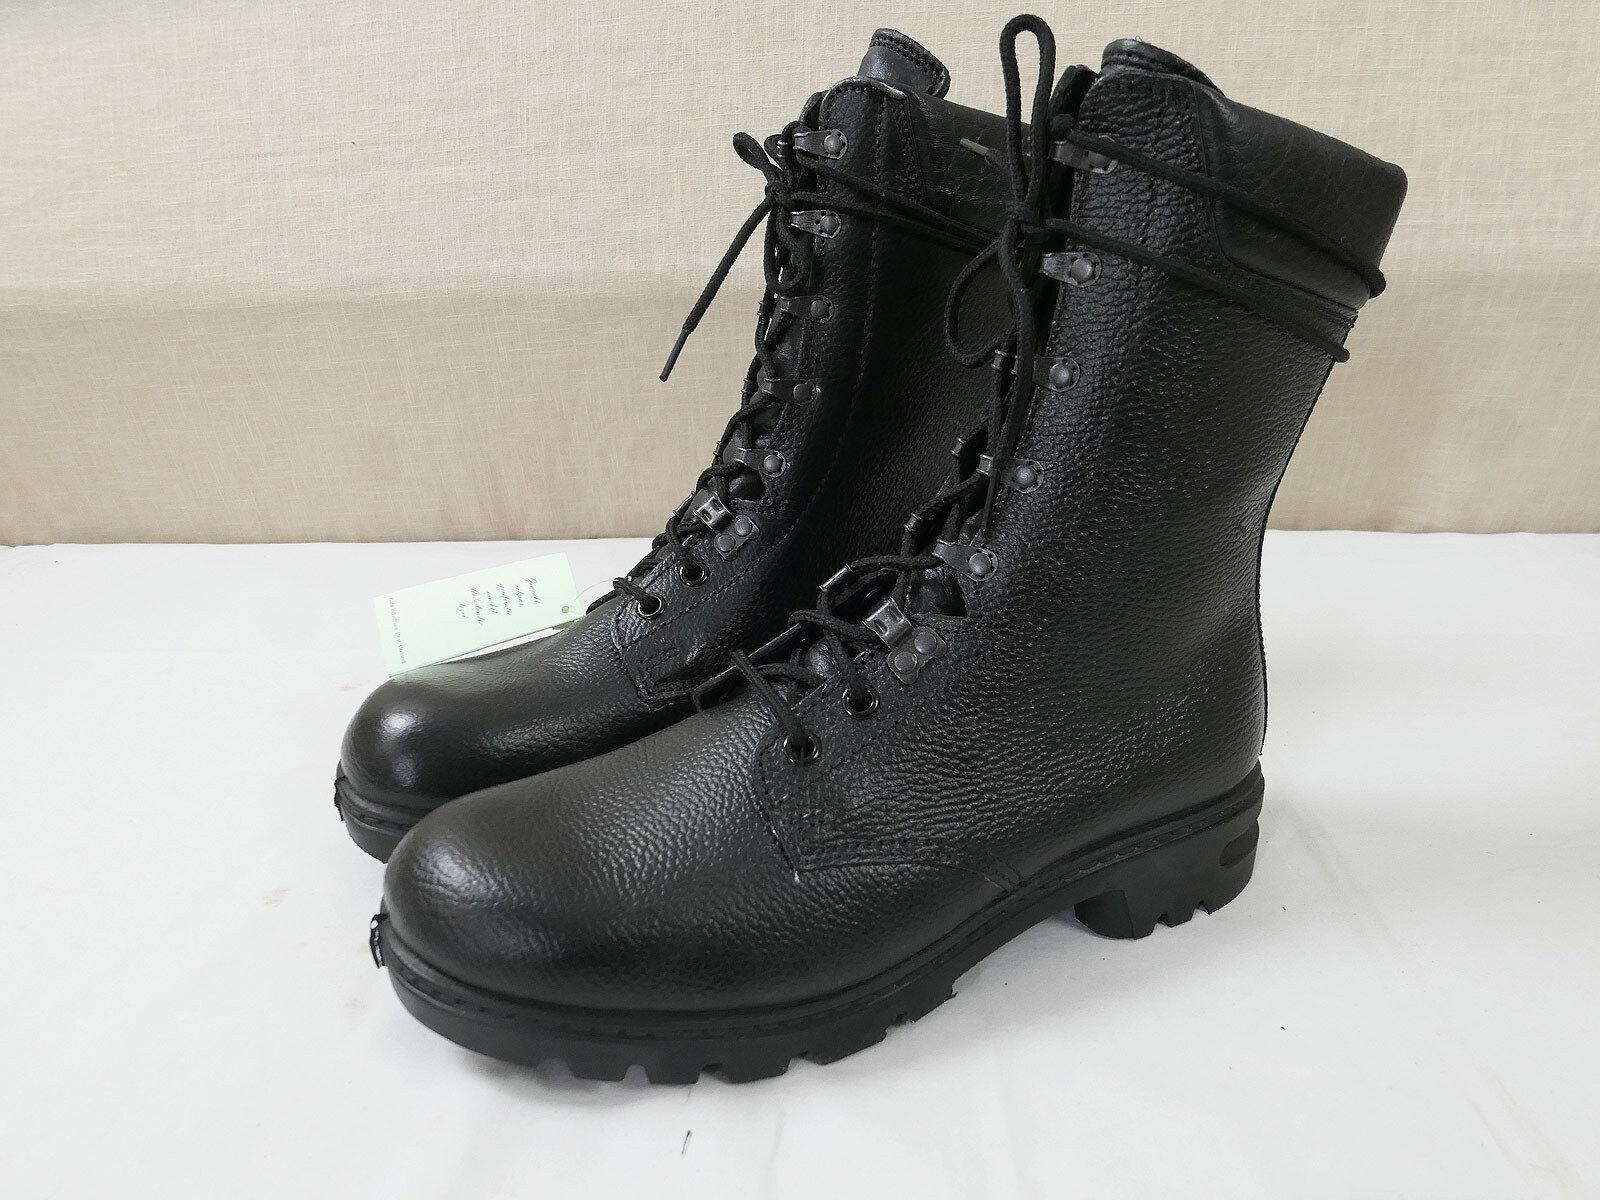 44 bata gefechtsbotas uso de botas combate botas piel botas botas Al aire libre